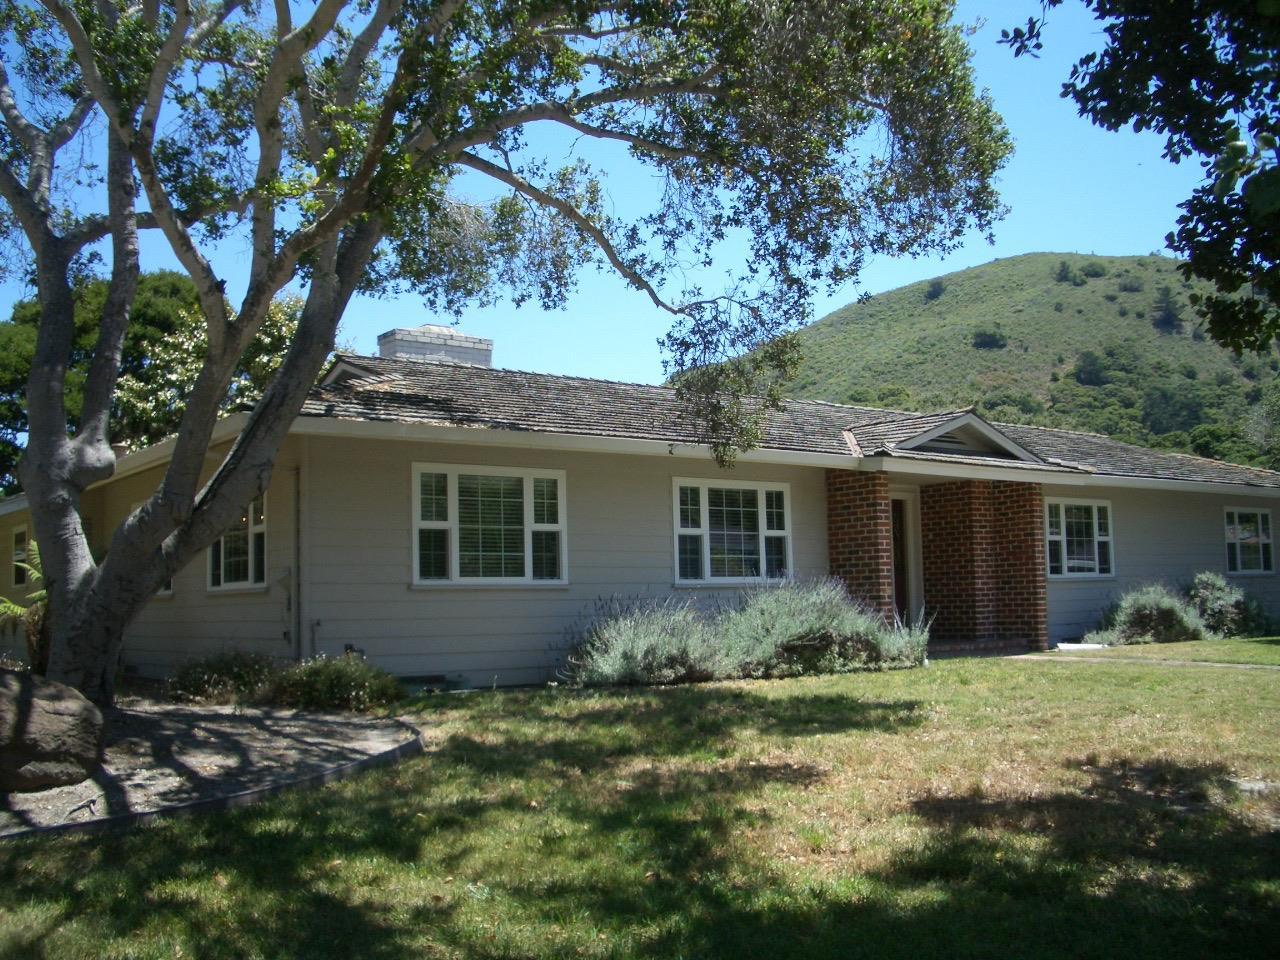 Частный односемейный дом для того Продажа на 10148 Blue Larkspur Lane Monterey, Калифорния 93940 Соединенные Штаты